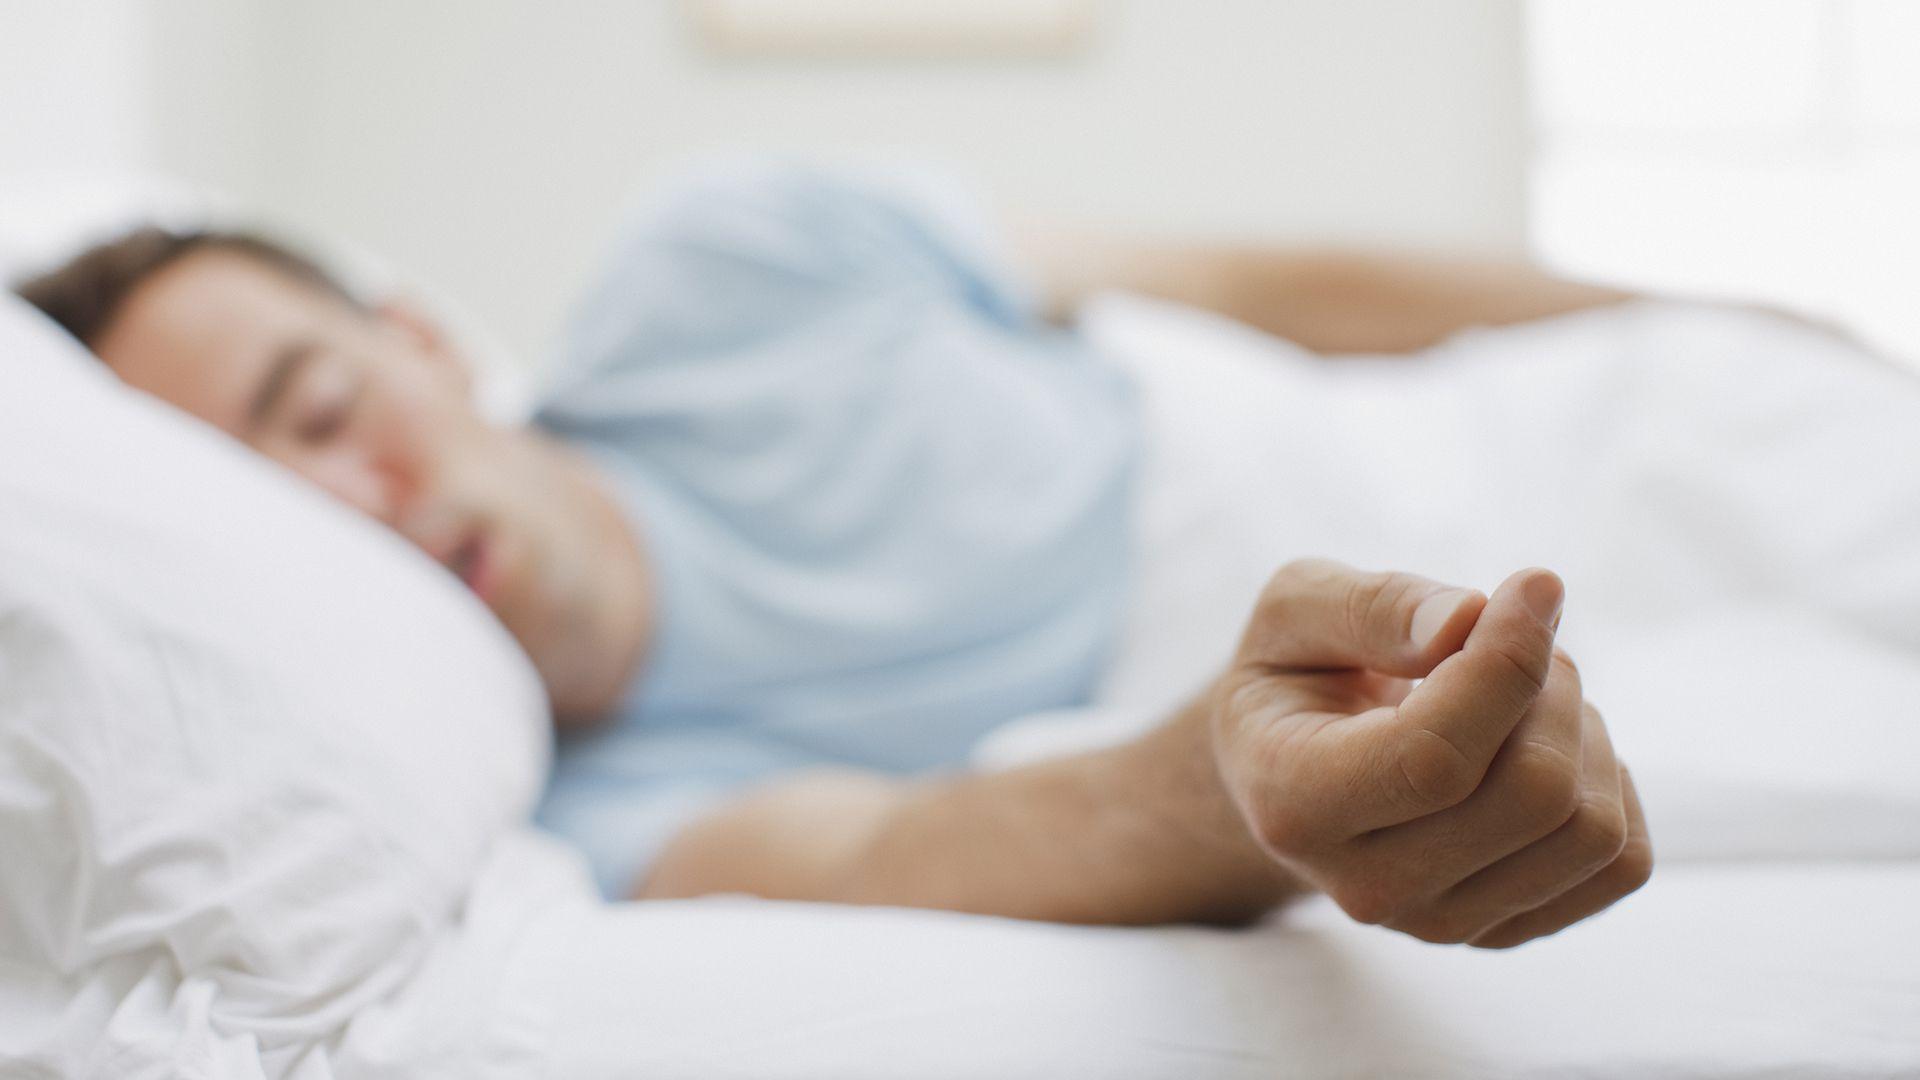 Una nueva investigación proporciona la confirmación de que la estimulación manual del nervio vago hace lo que los científicos predijeron: ayudó a las personas a desempeñarse mejor y a sentirse menos fatigados cuando pasaron toda la noche en vela (Getty Images)